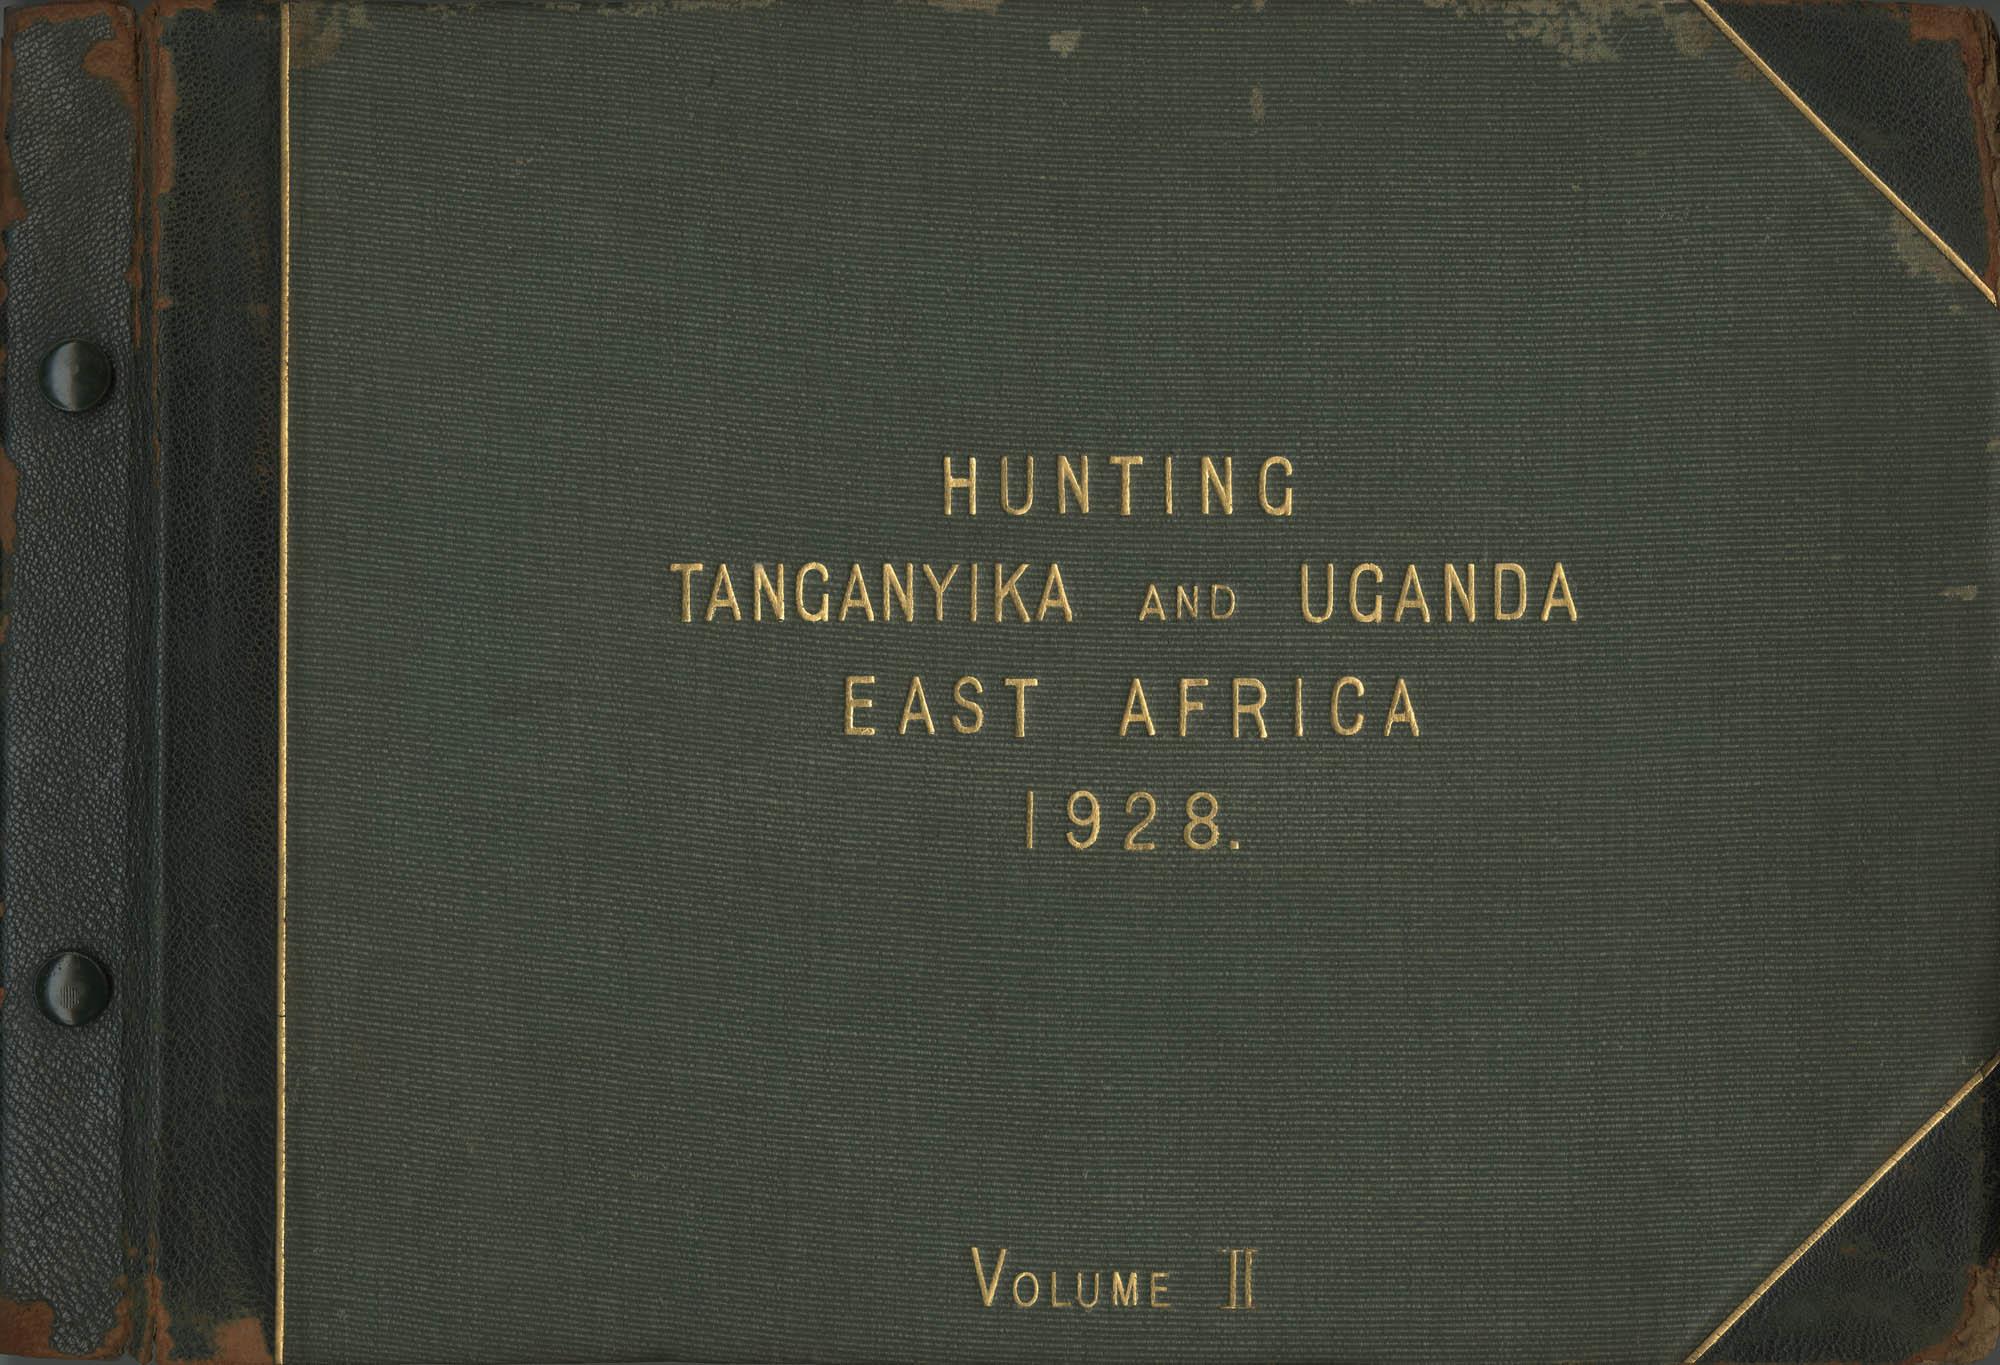 'Hunting, Tanganyika and Uganda, East Africa, 1928, Volume II'